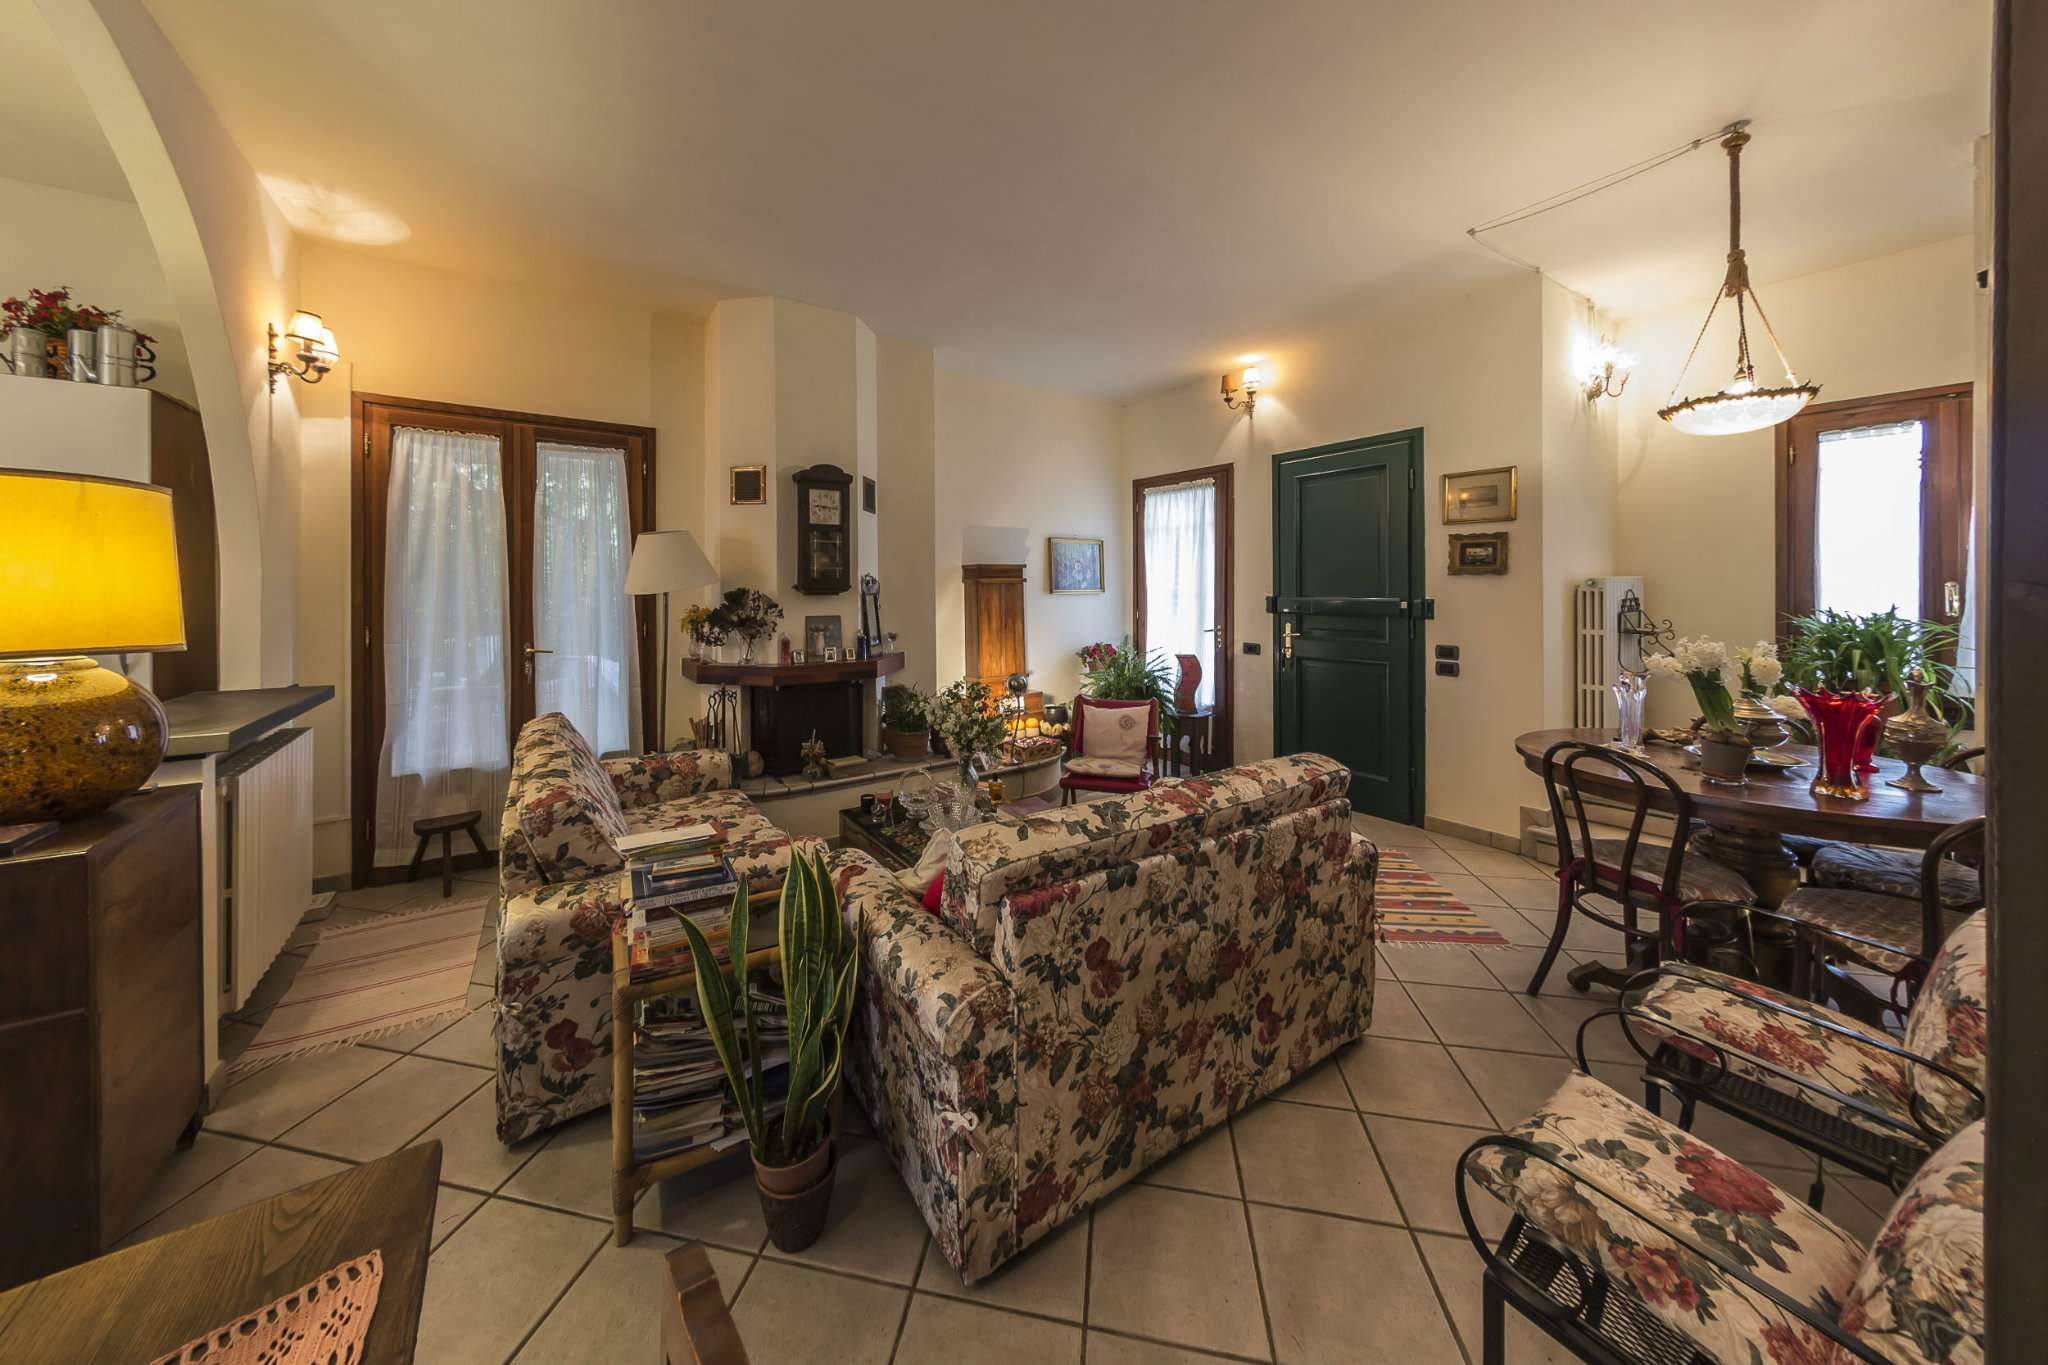 Villa in vendita a Montelupo Fiorentino, 8 locali, prezzo € 370.000 | CambioCasa.it